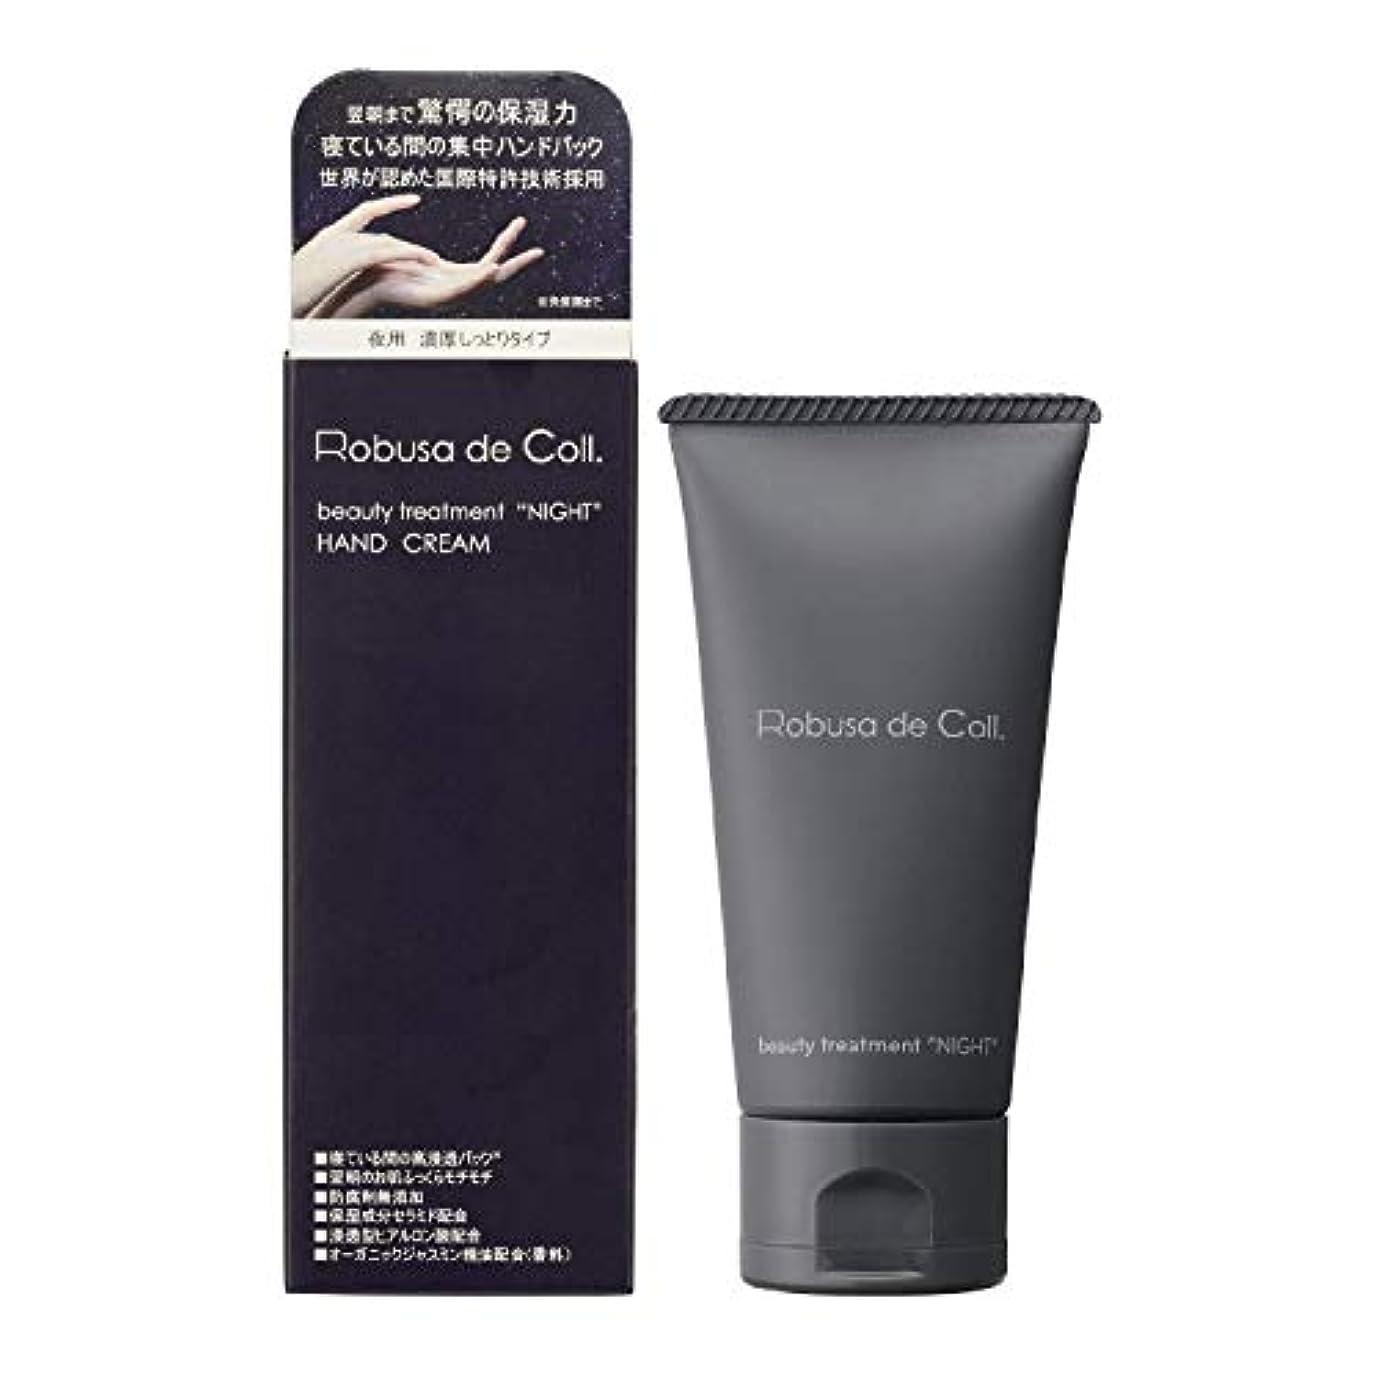 ふける経過著名なRobusa de coll(ロブサデコル)ナイトリペアクリーム 60g (皮膚保護クリーム 乾燥 敏感肌用)